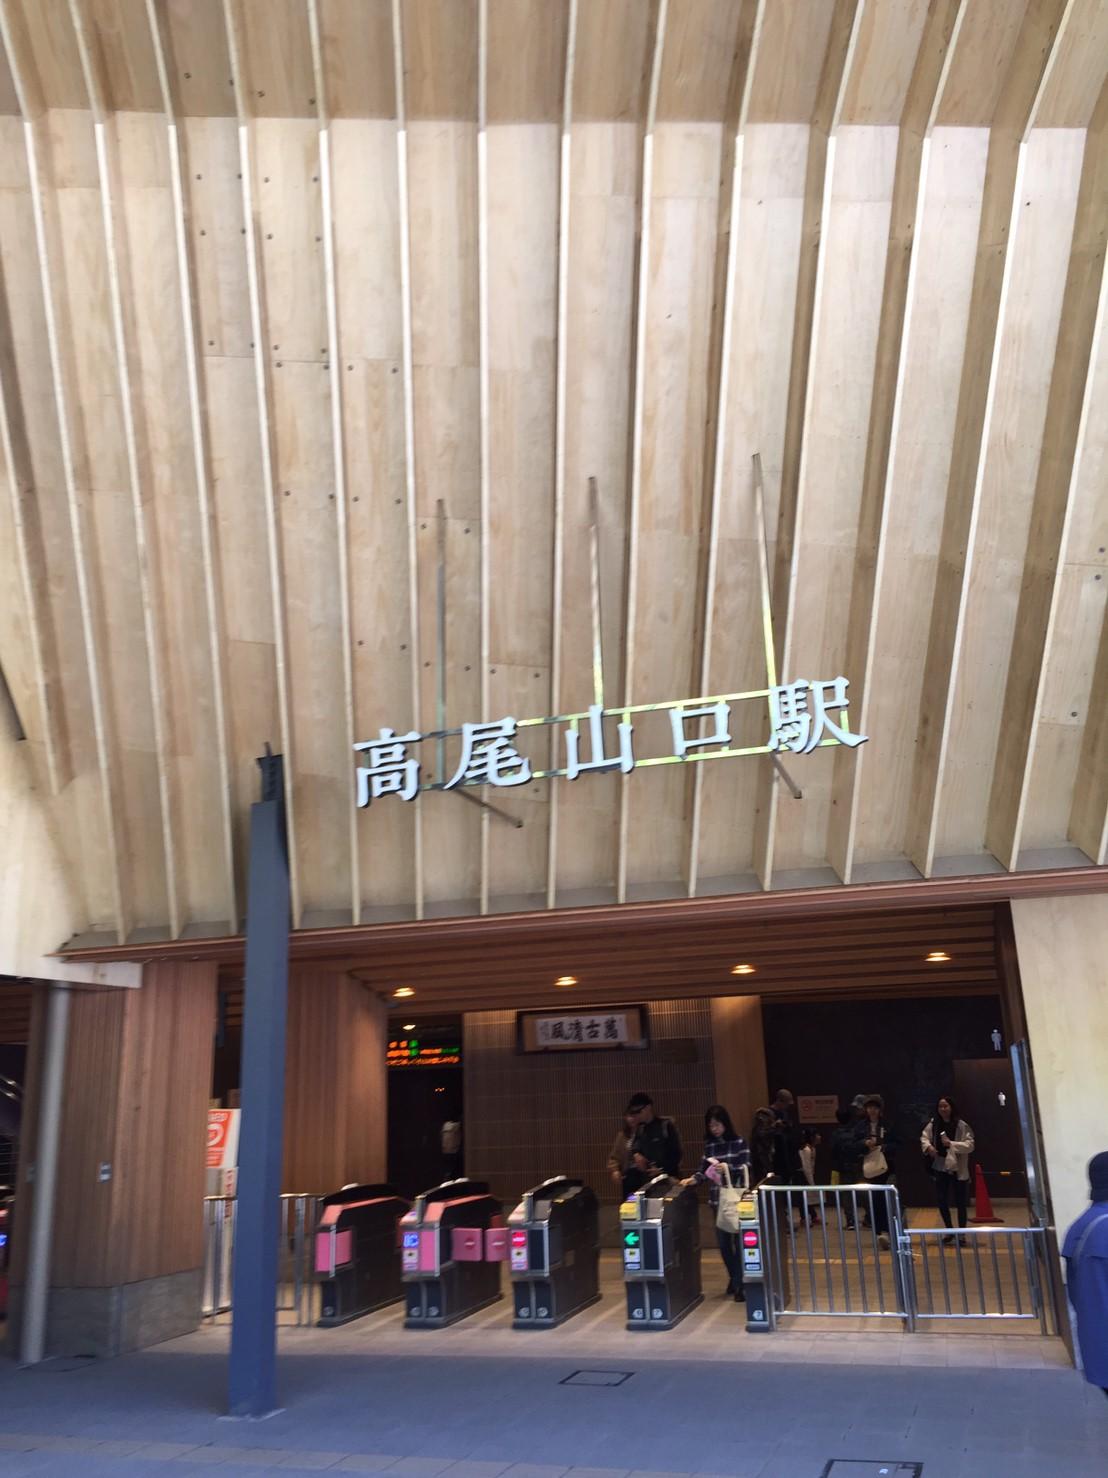 #49 高尾山行ってきました!山の思い出とネタコーナー!